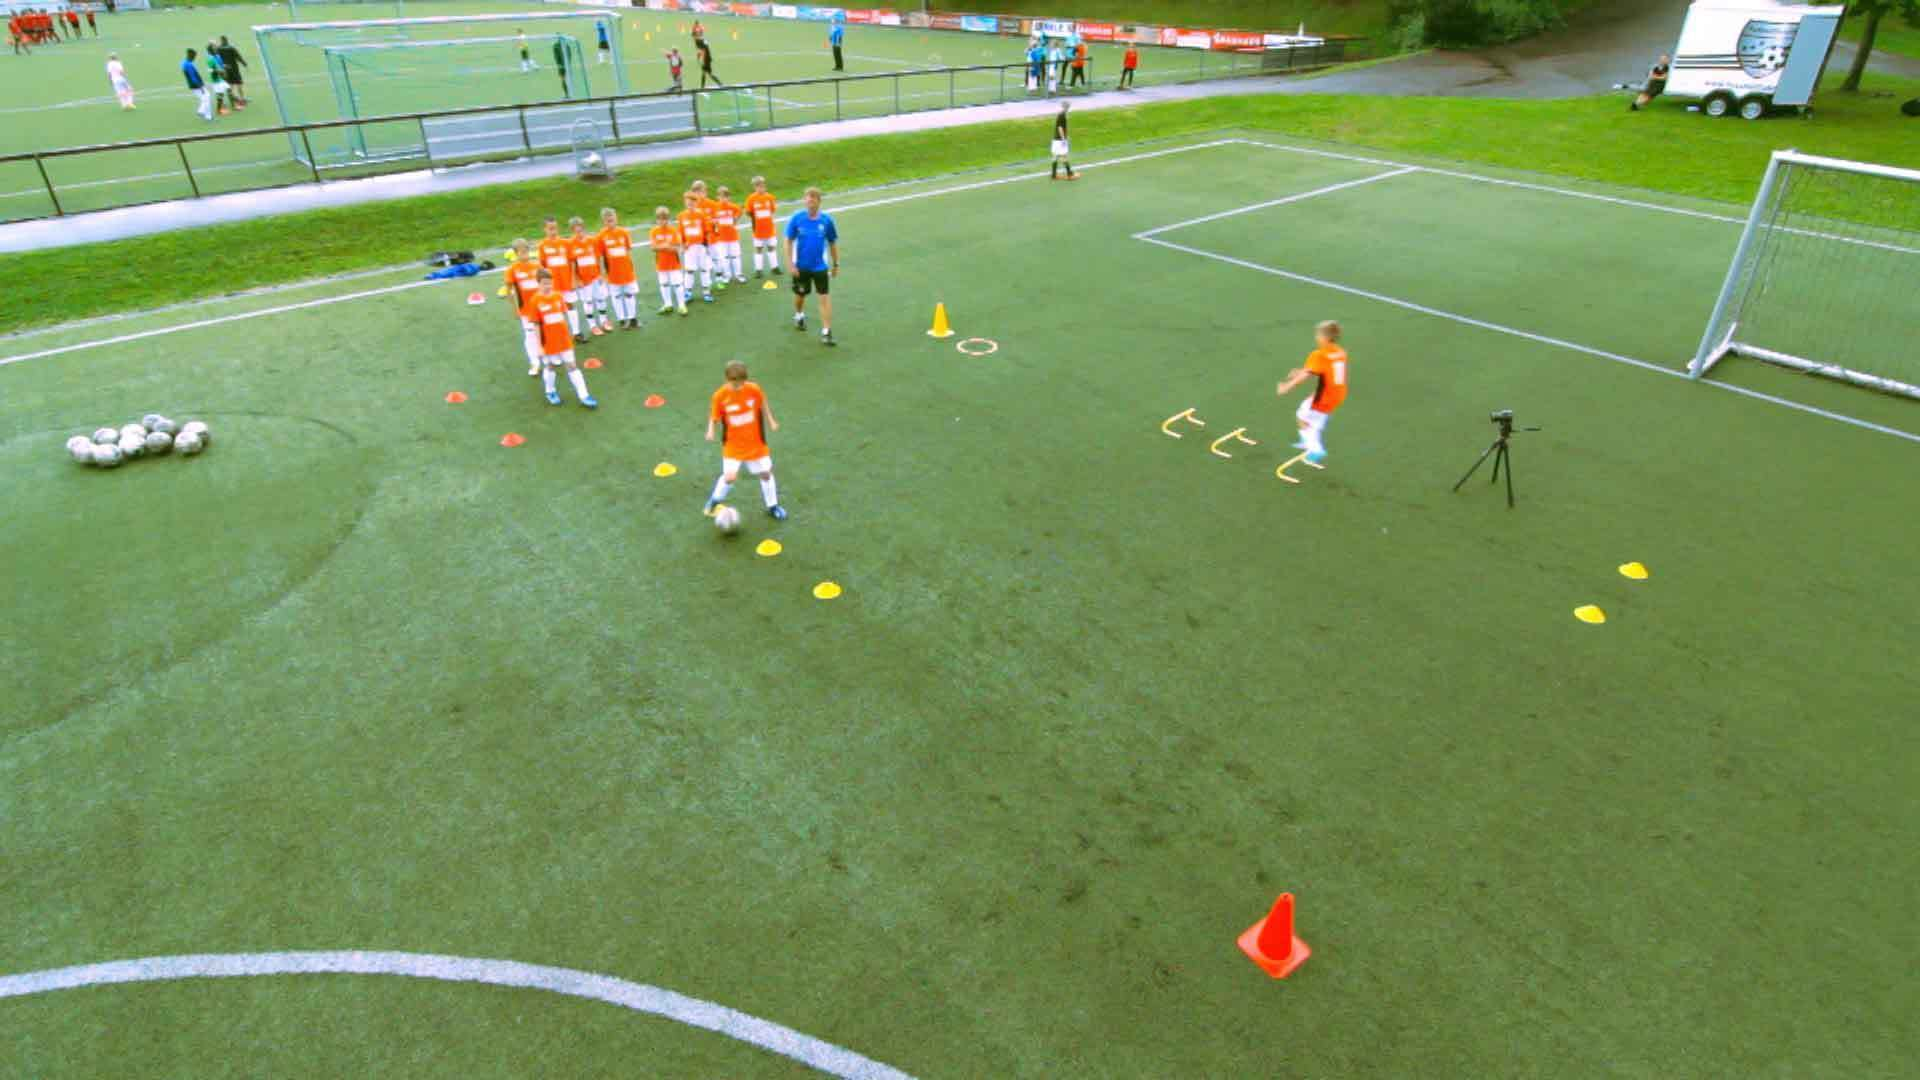 Jugendfussball Das Richtige Alter Zur Positionsfindung